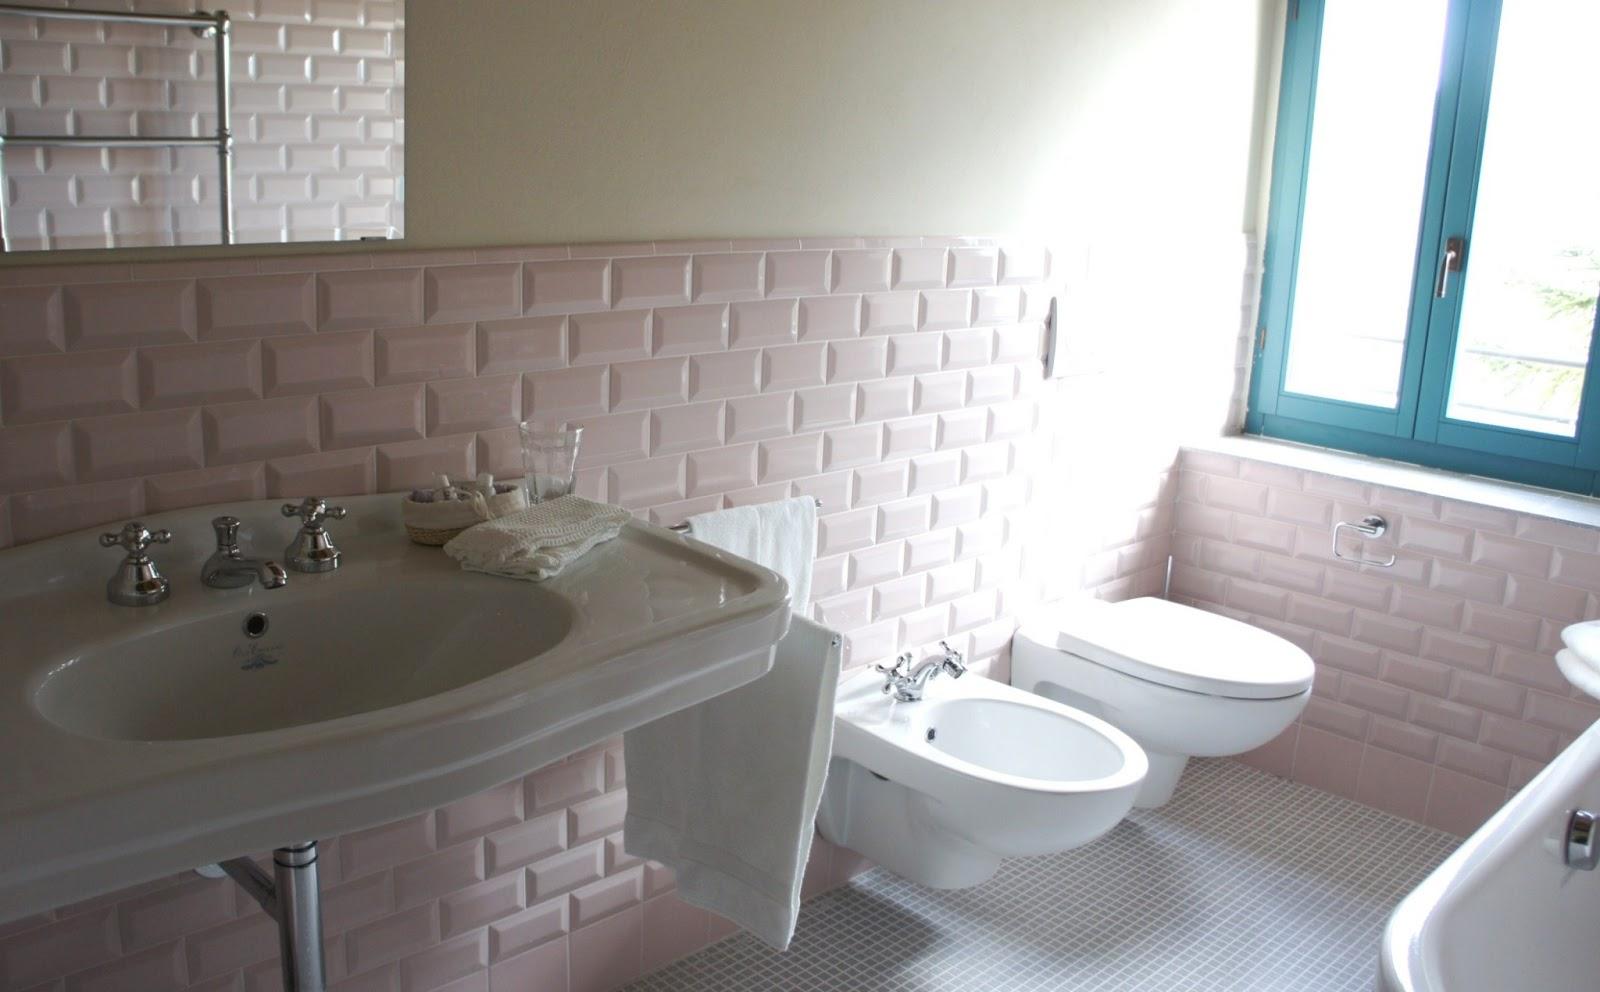 ceramica nei toni del rosa e del lavanda tenue. I sanitari bianchi e ...